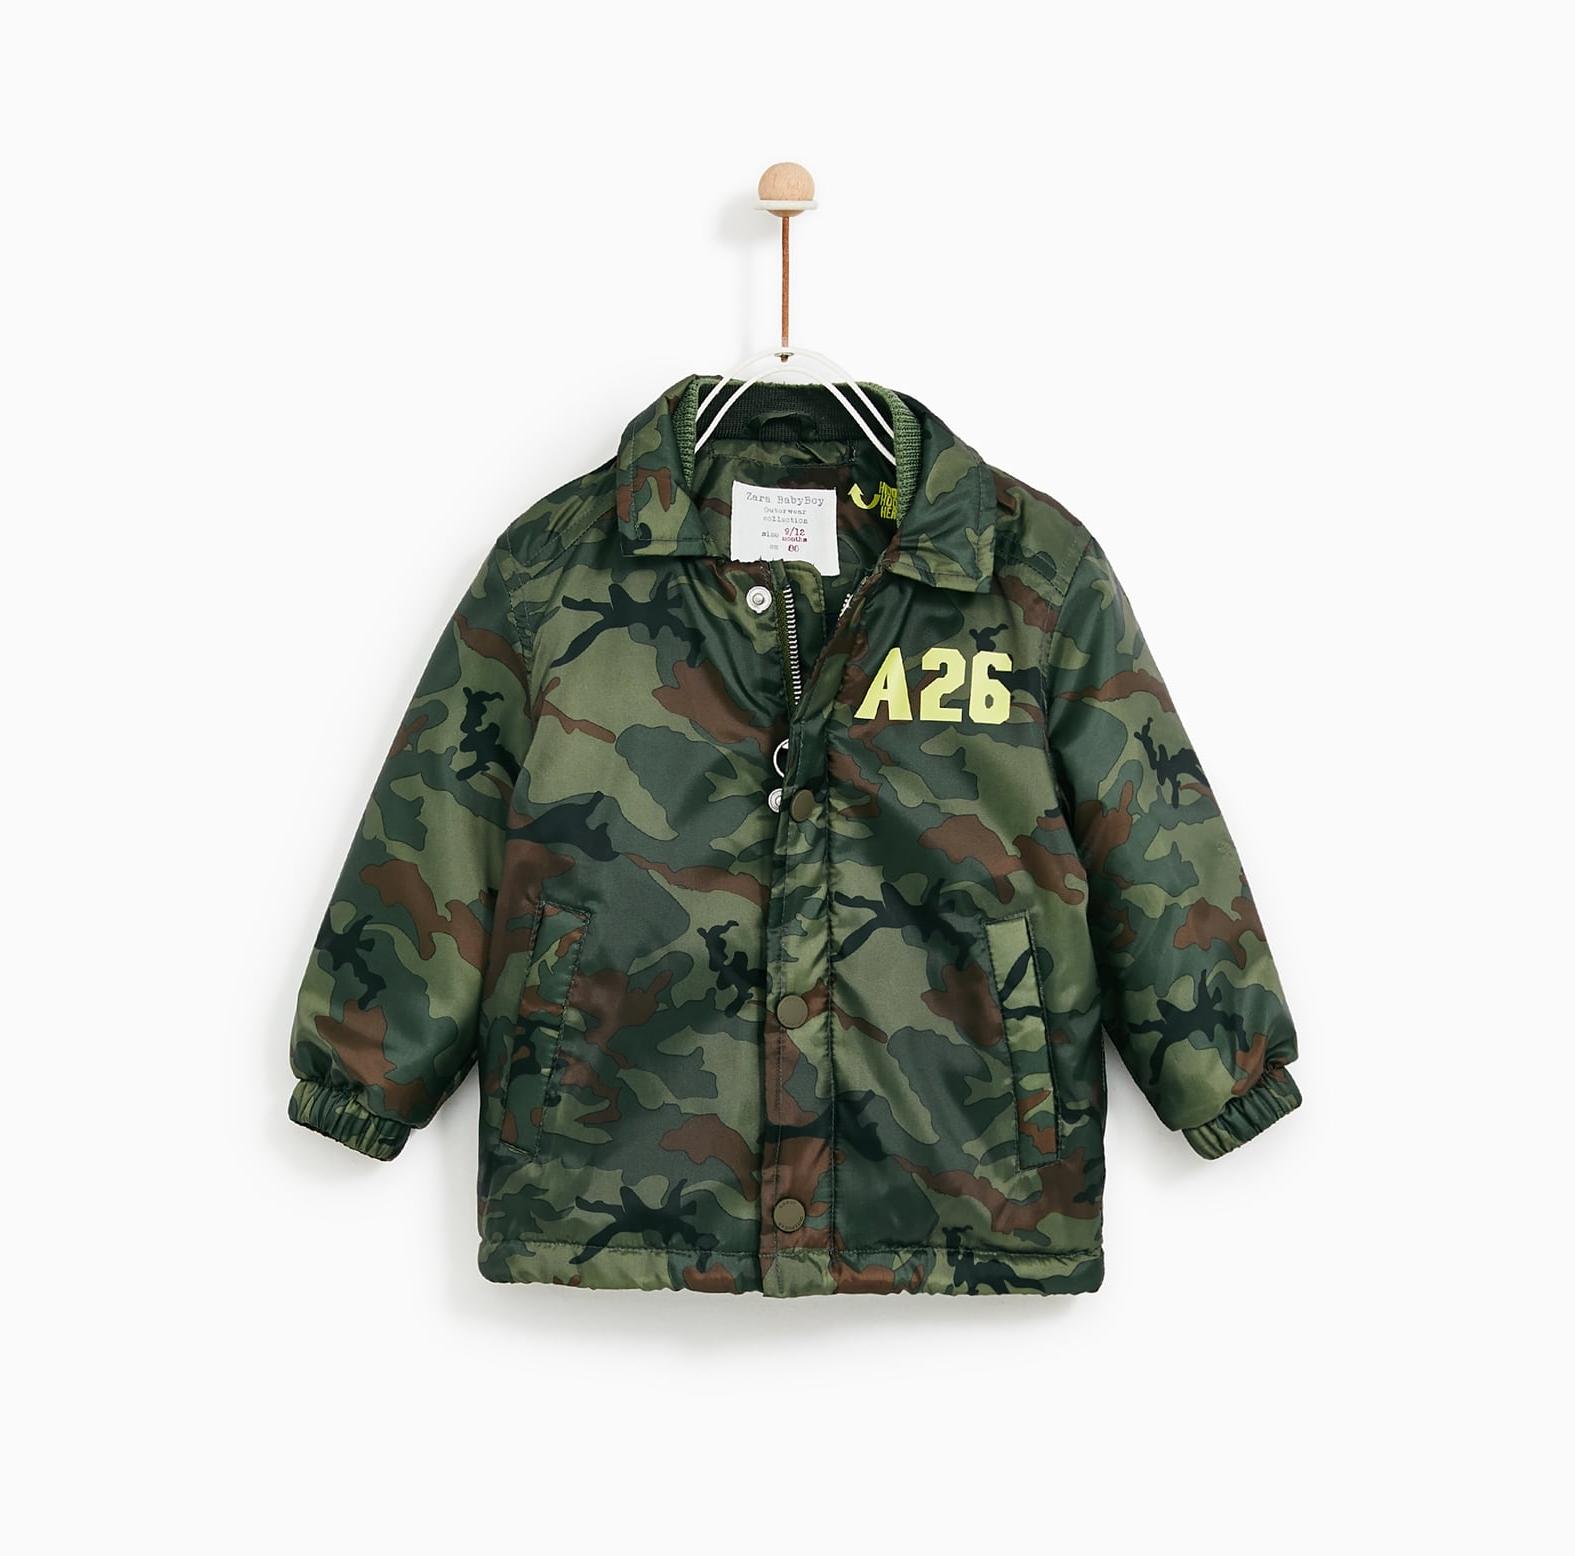 Camoflage Jacket $49.95